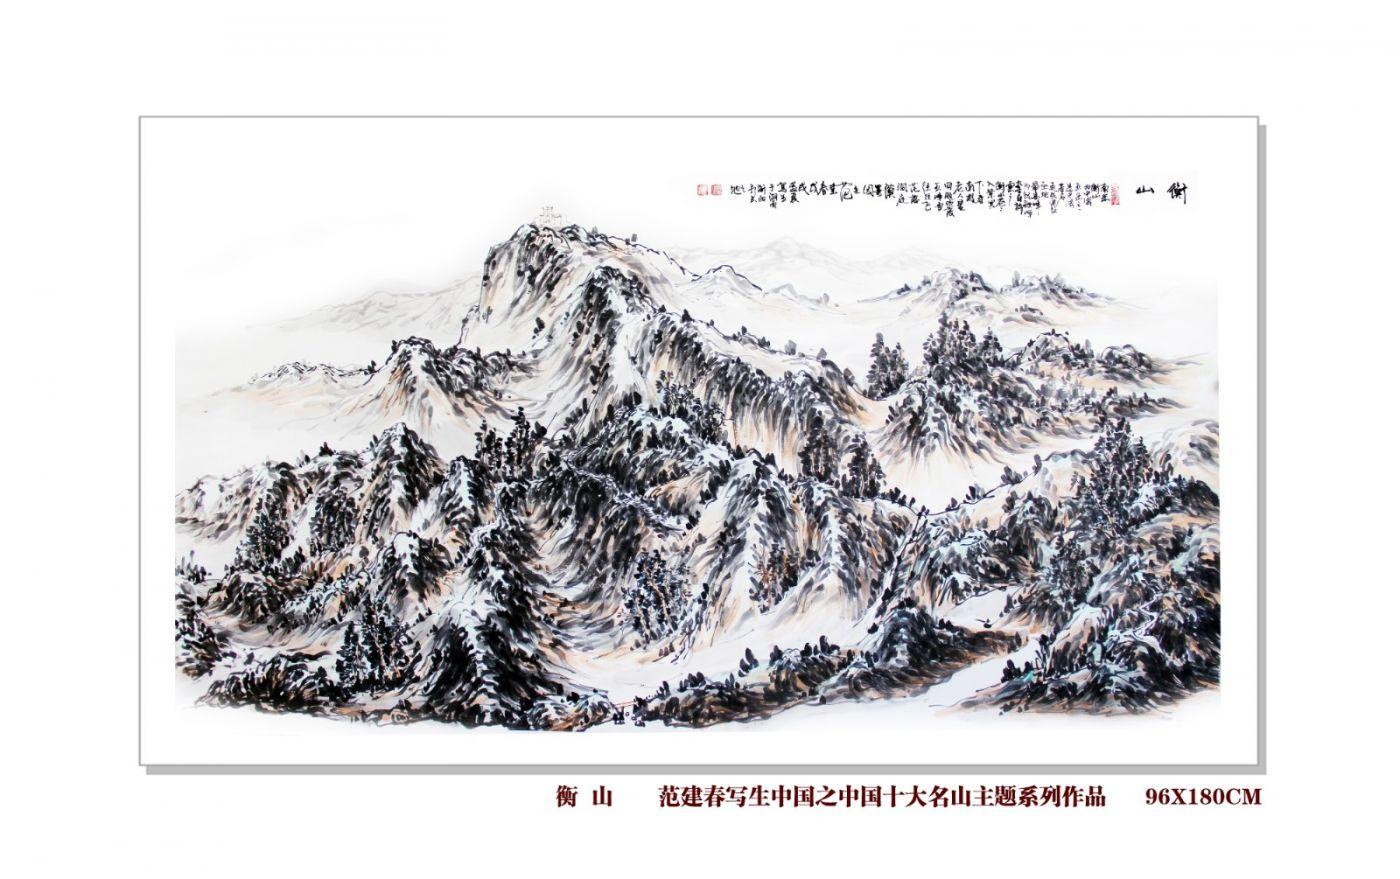 范建春写生中国之十大名山主题系列作品_图1-3